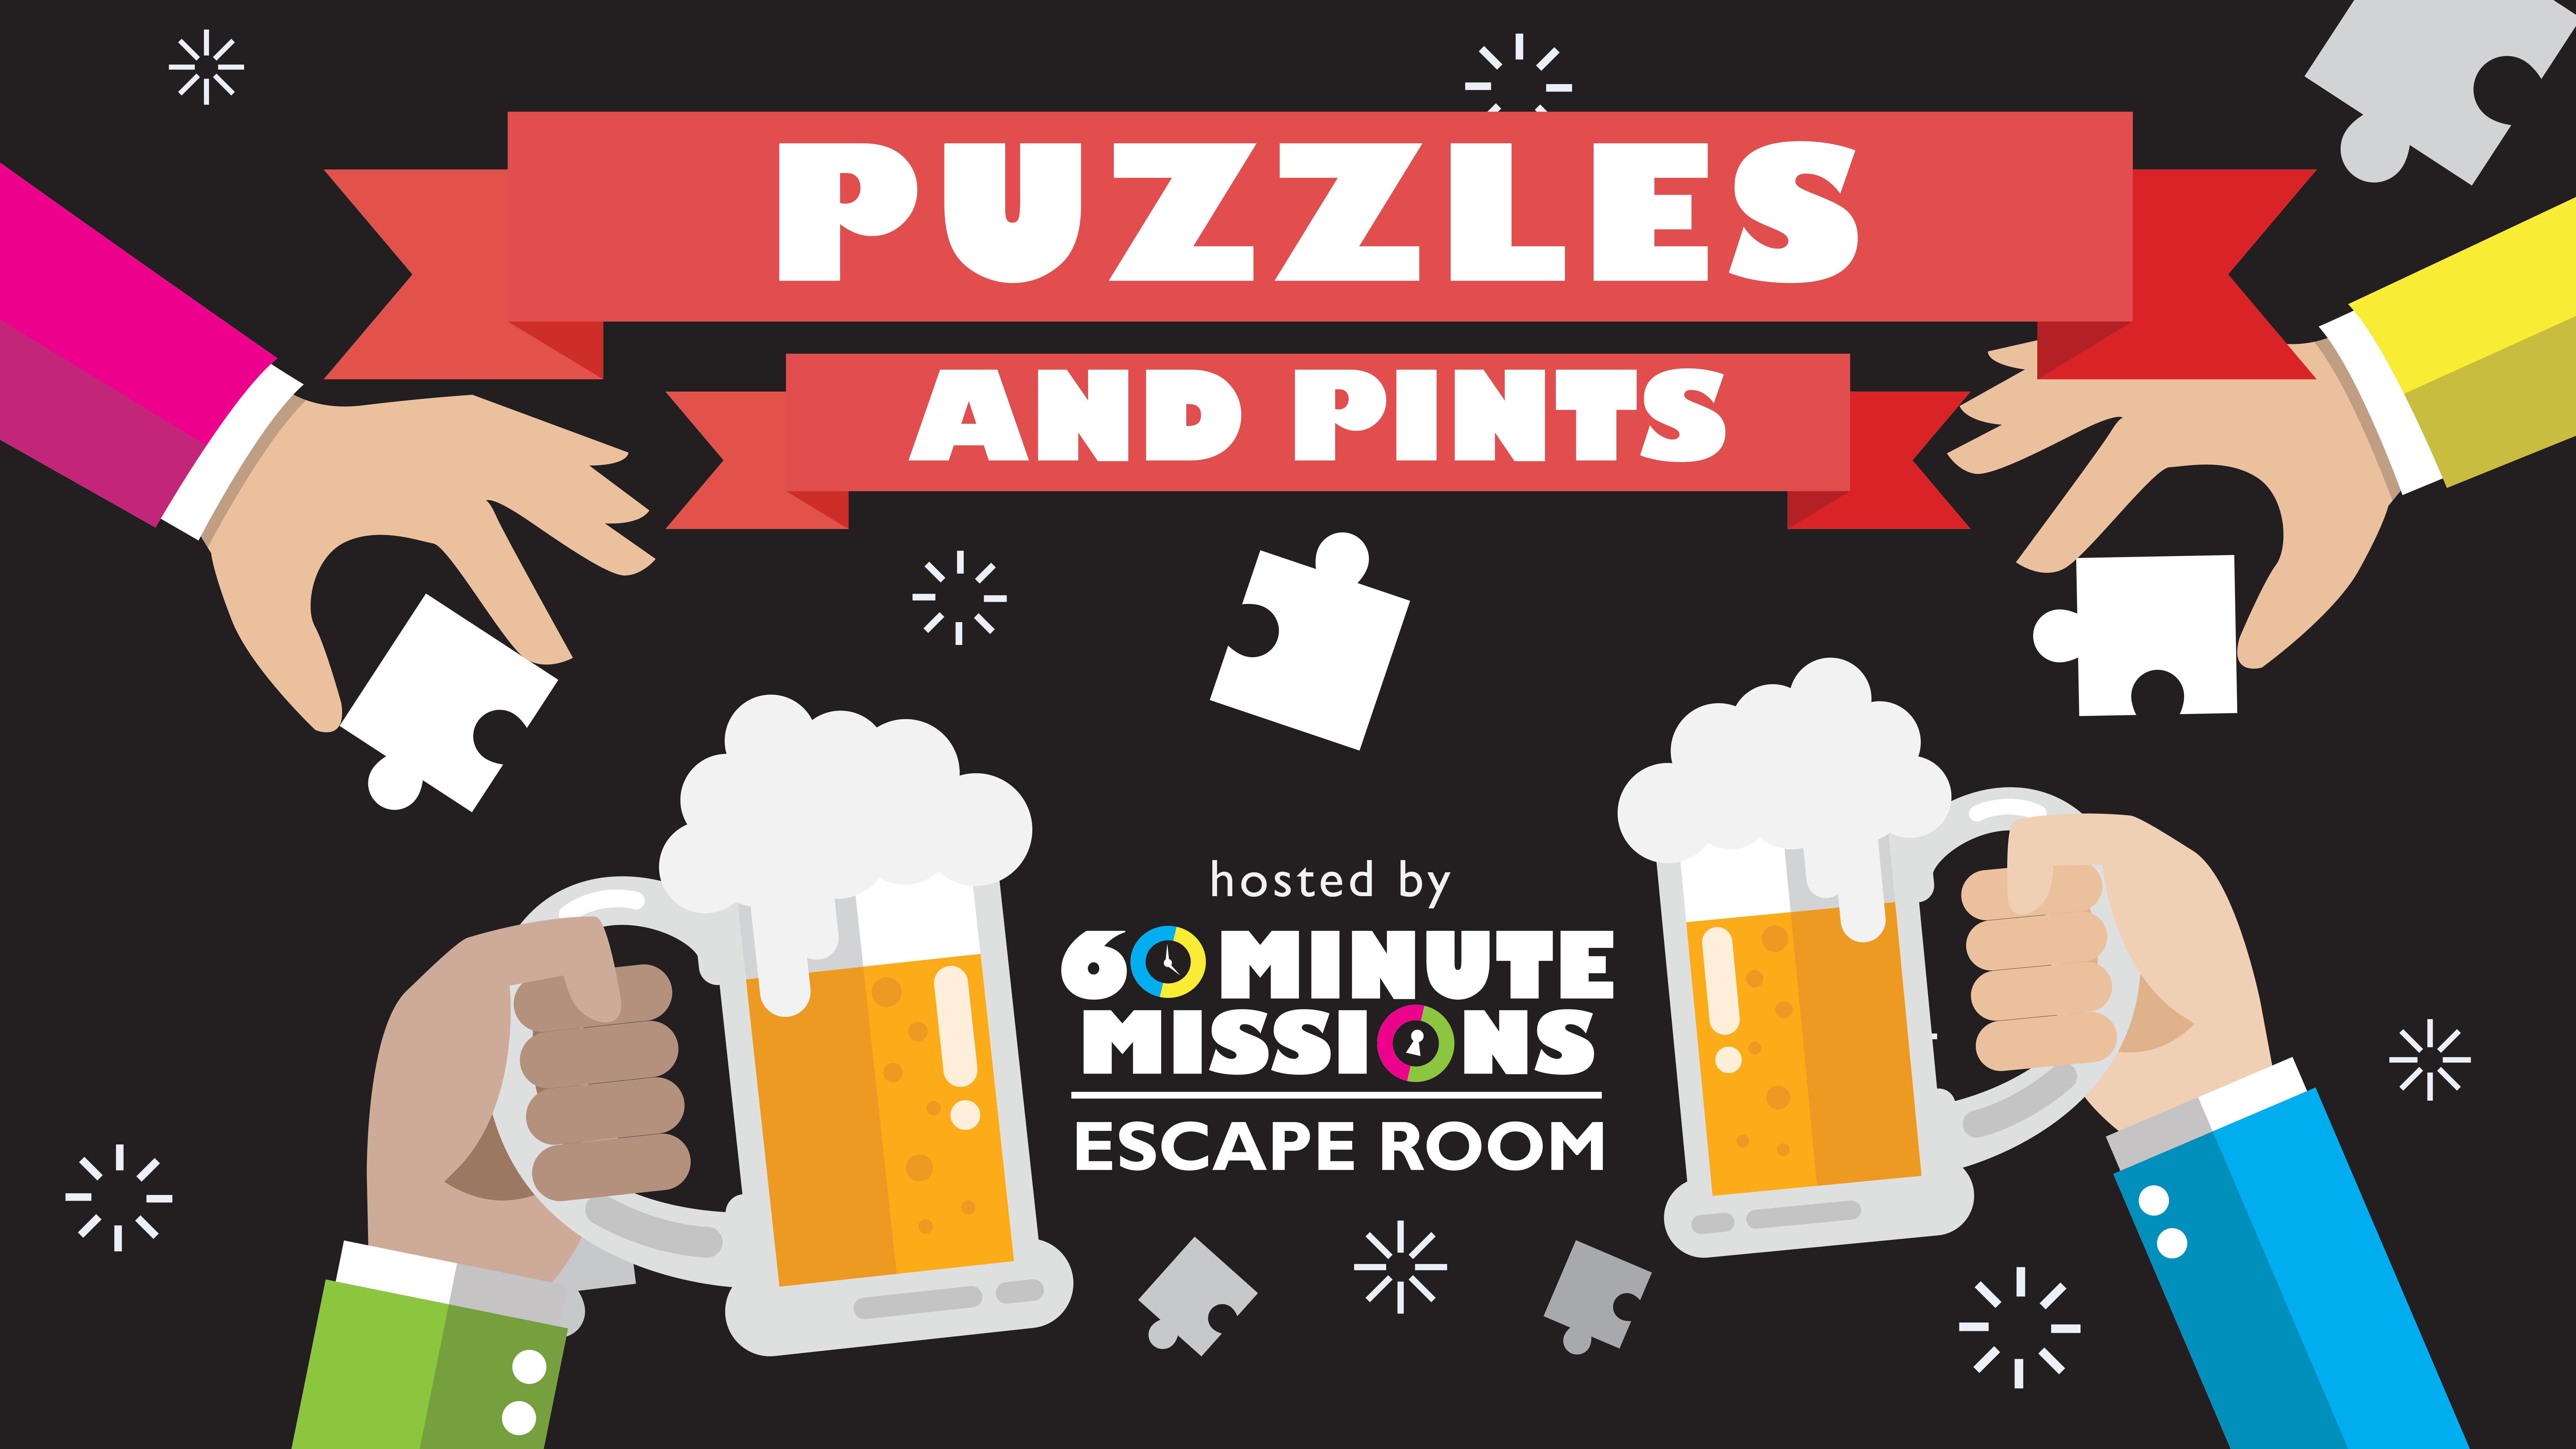 Puzzle Pints